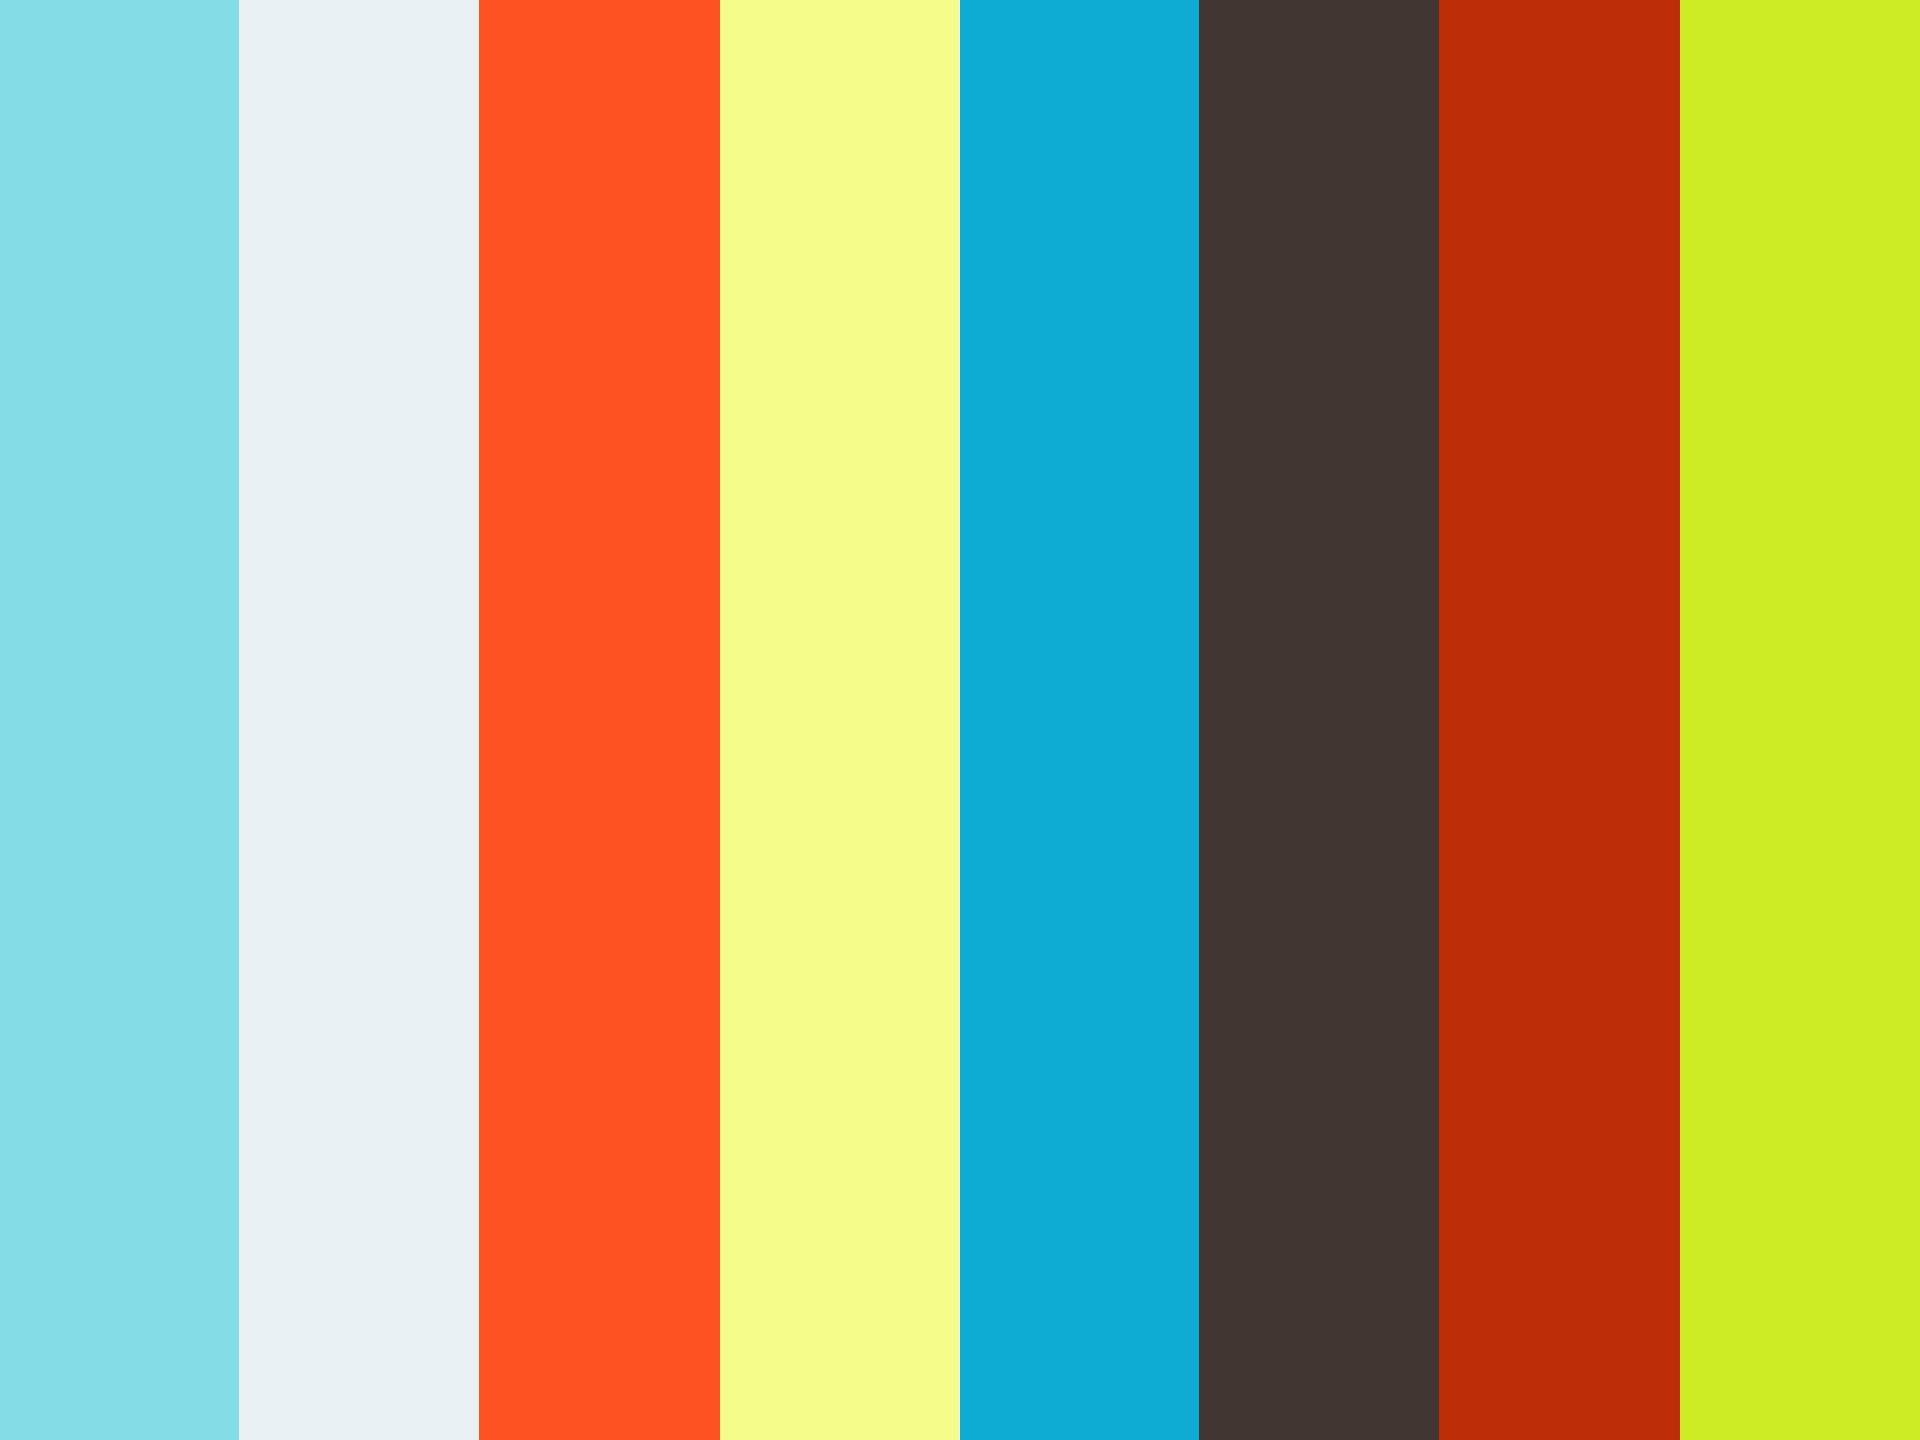 gm hfv6 timing replacement [ 1920 x 1080 Pixel ]